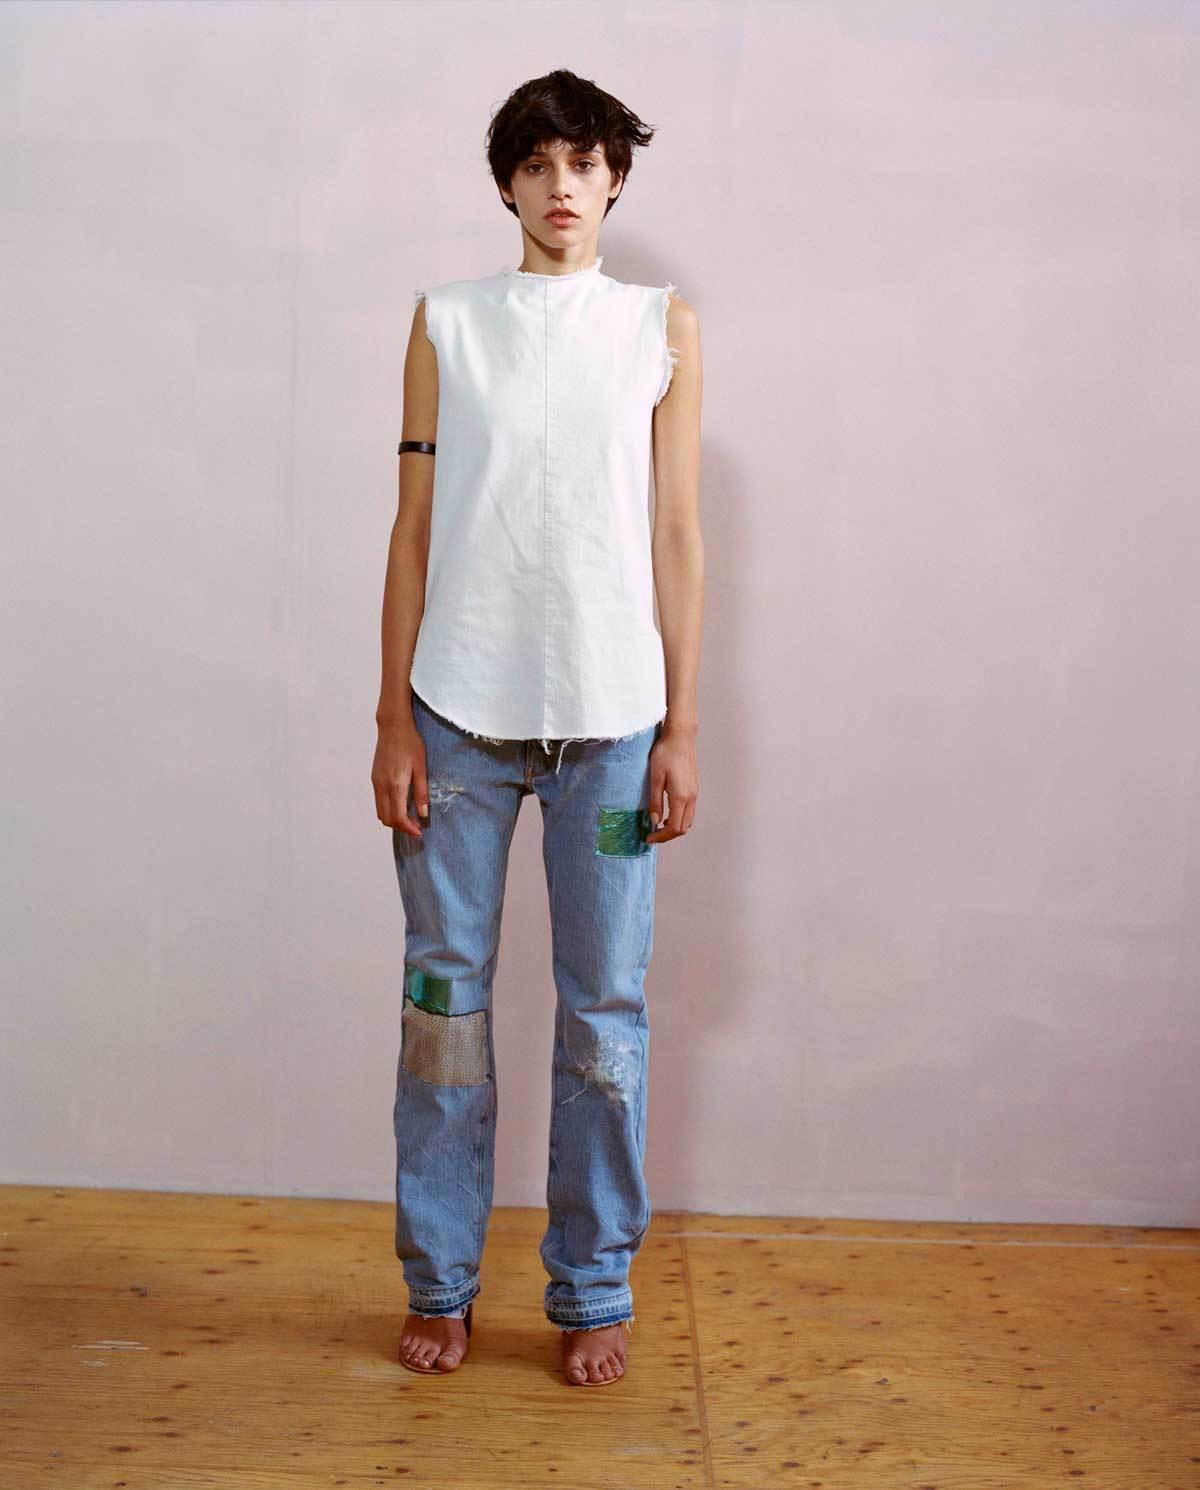 b96b368d5932 Indossa sempre jeans e t-shirt larghe e da H M dobbiamo fare shopping nel  reparto bambini perché dalle bambine ci sono solo brillantini e paillettes.